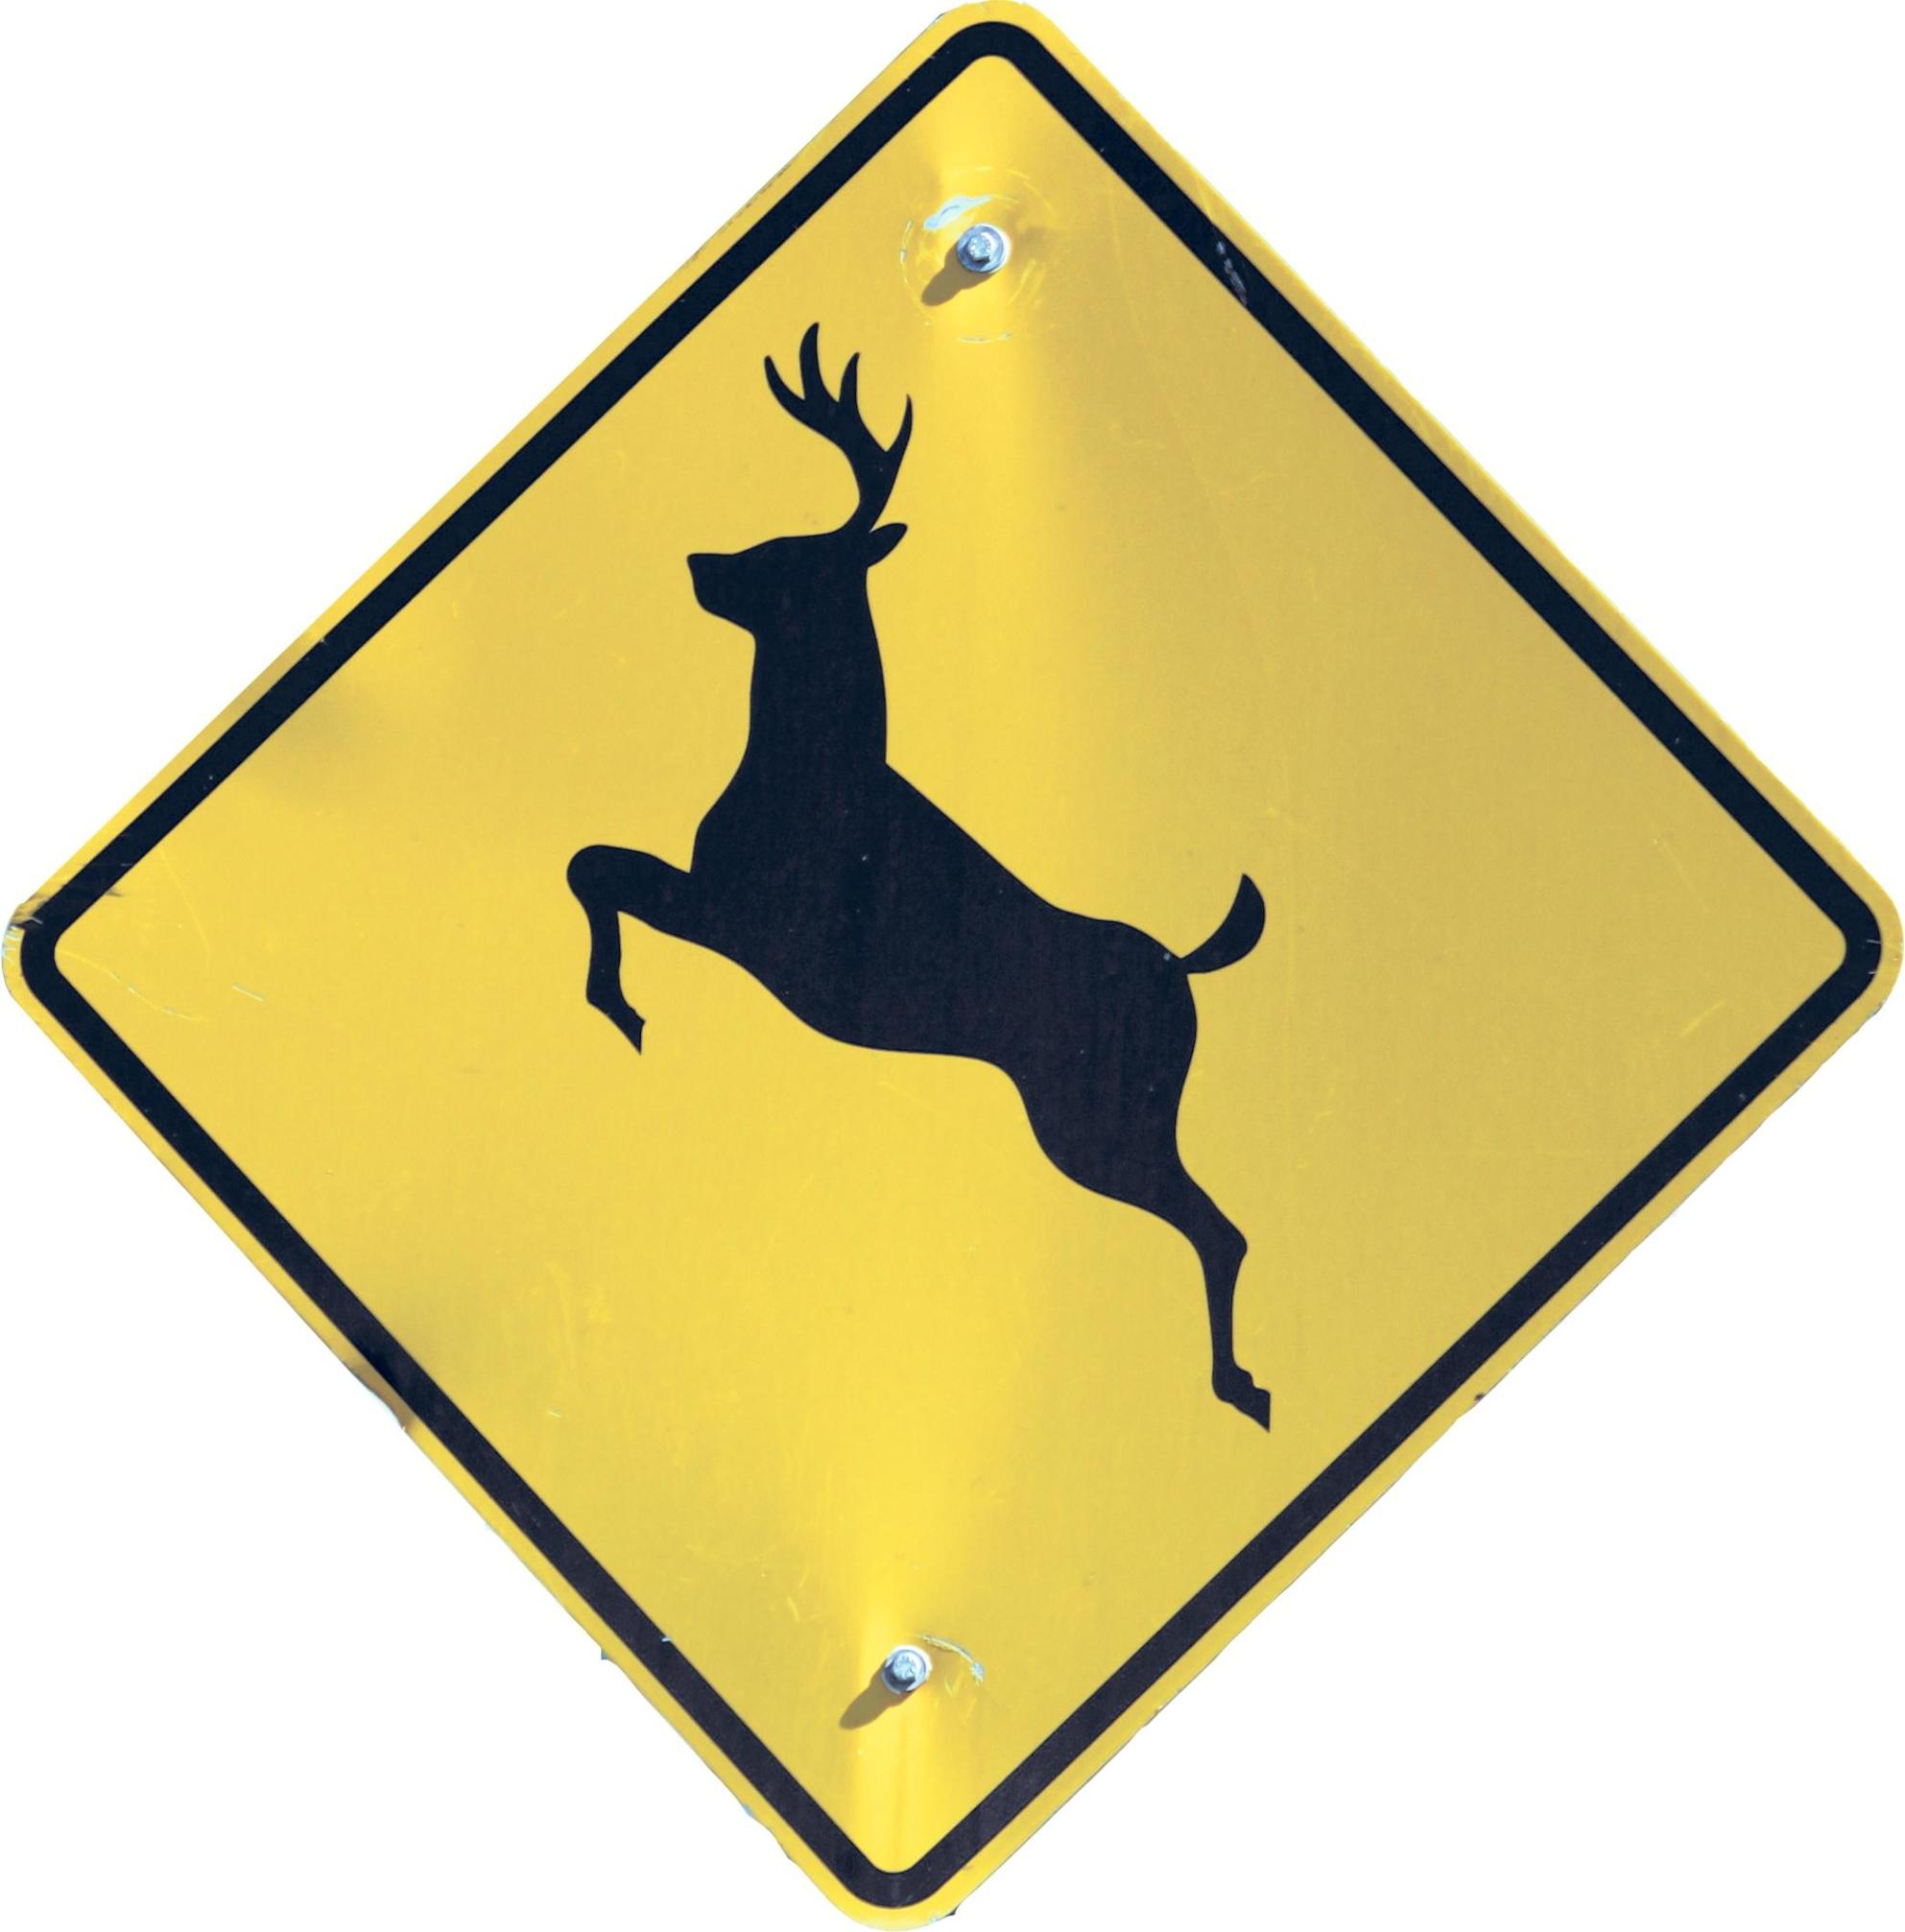 No more deer in the headlights.